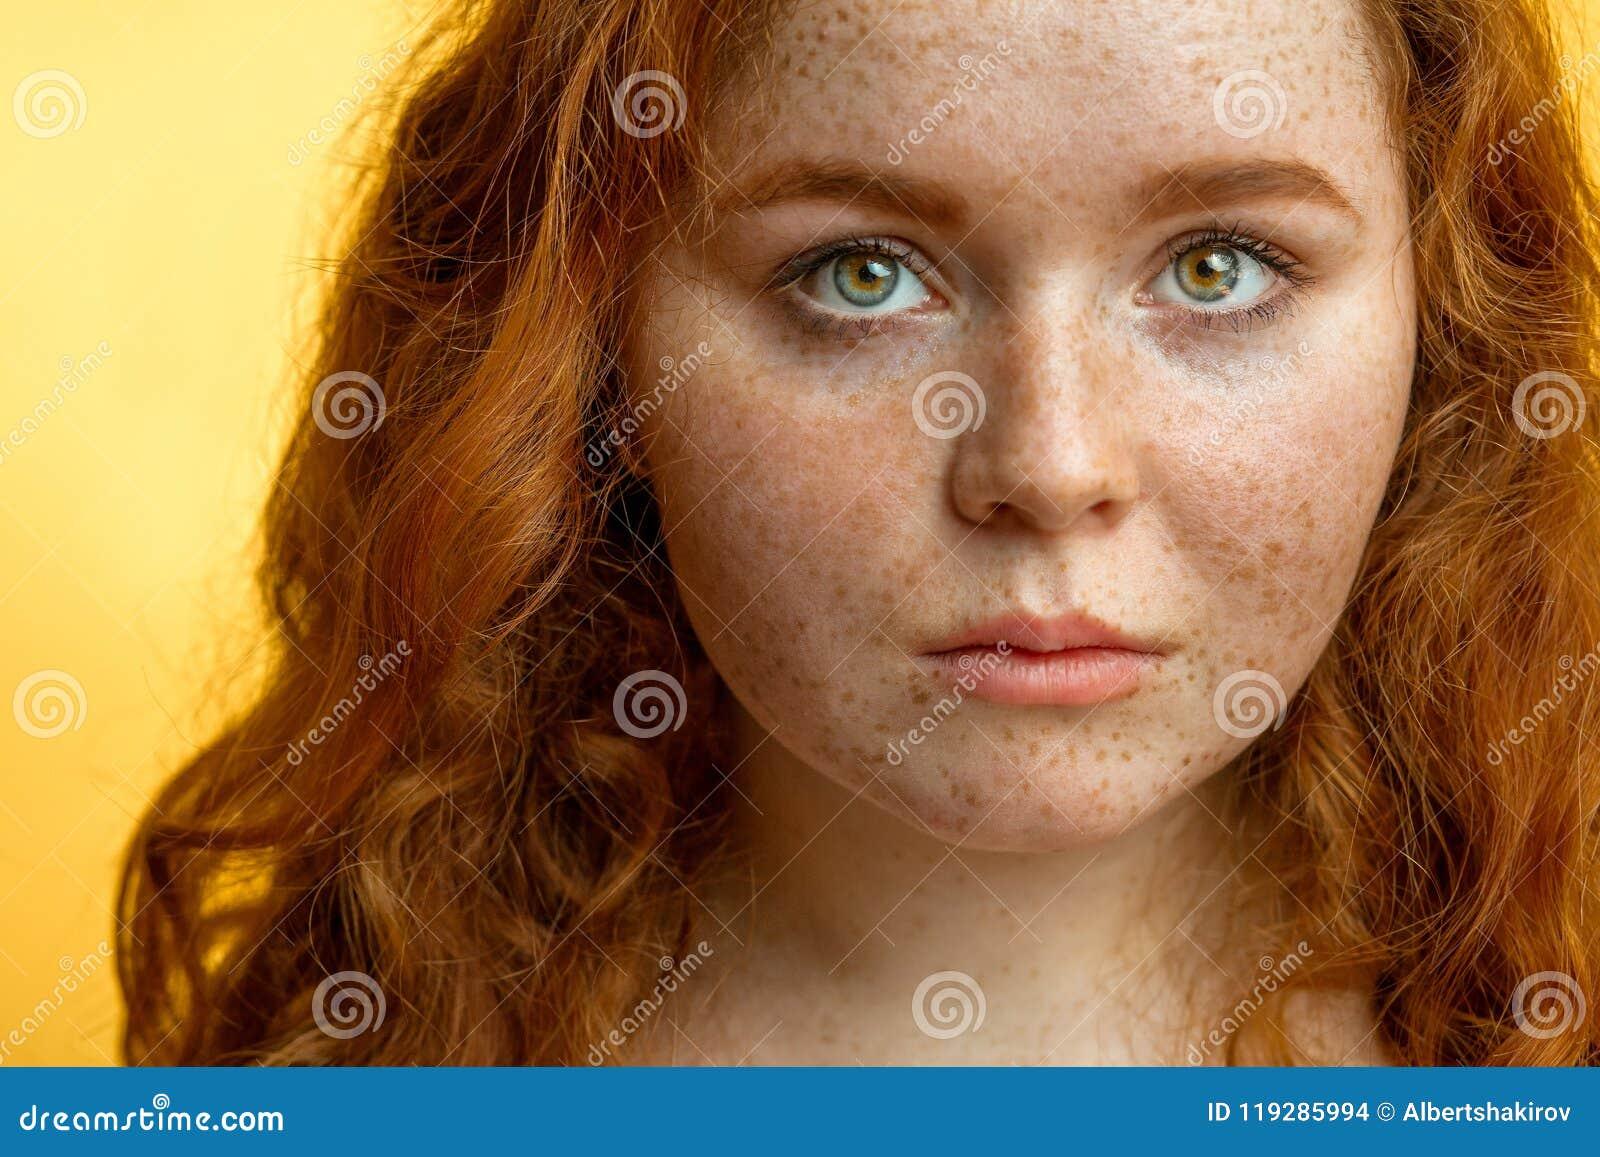 Close-up van mooi roodharig freckled meisje met los krullend haar